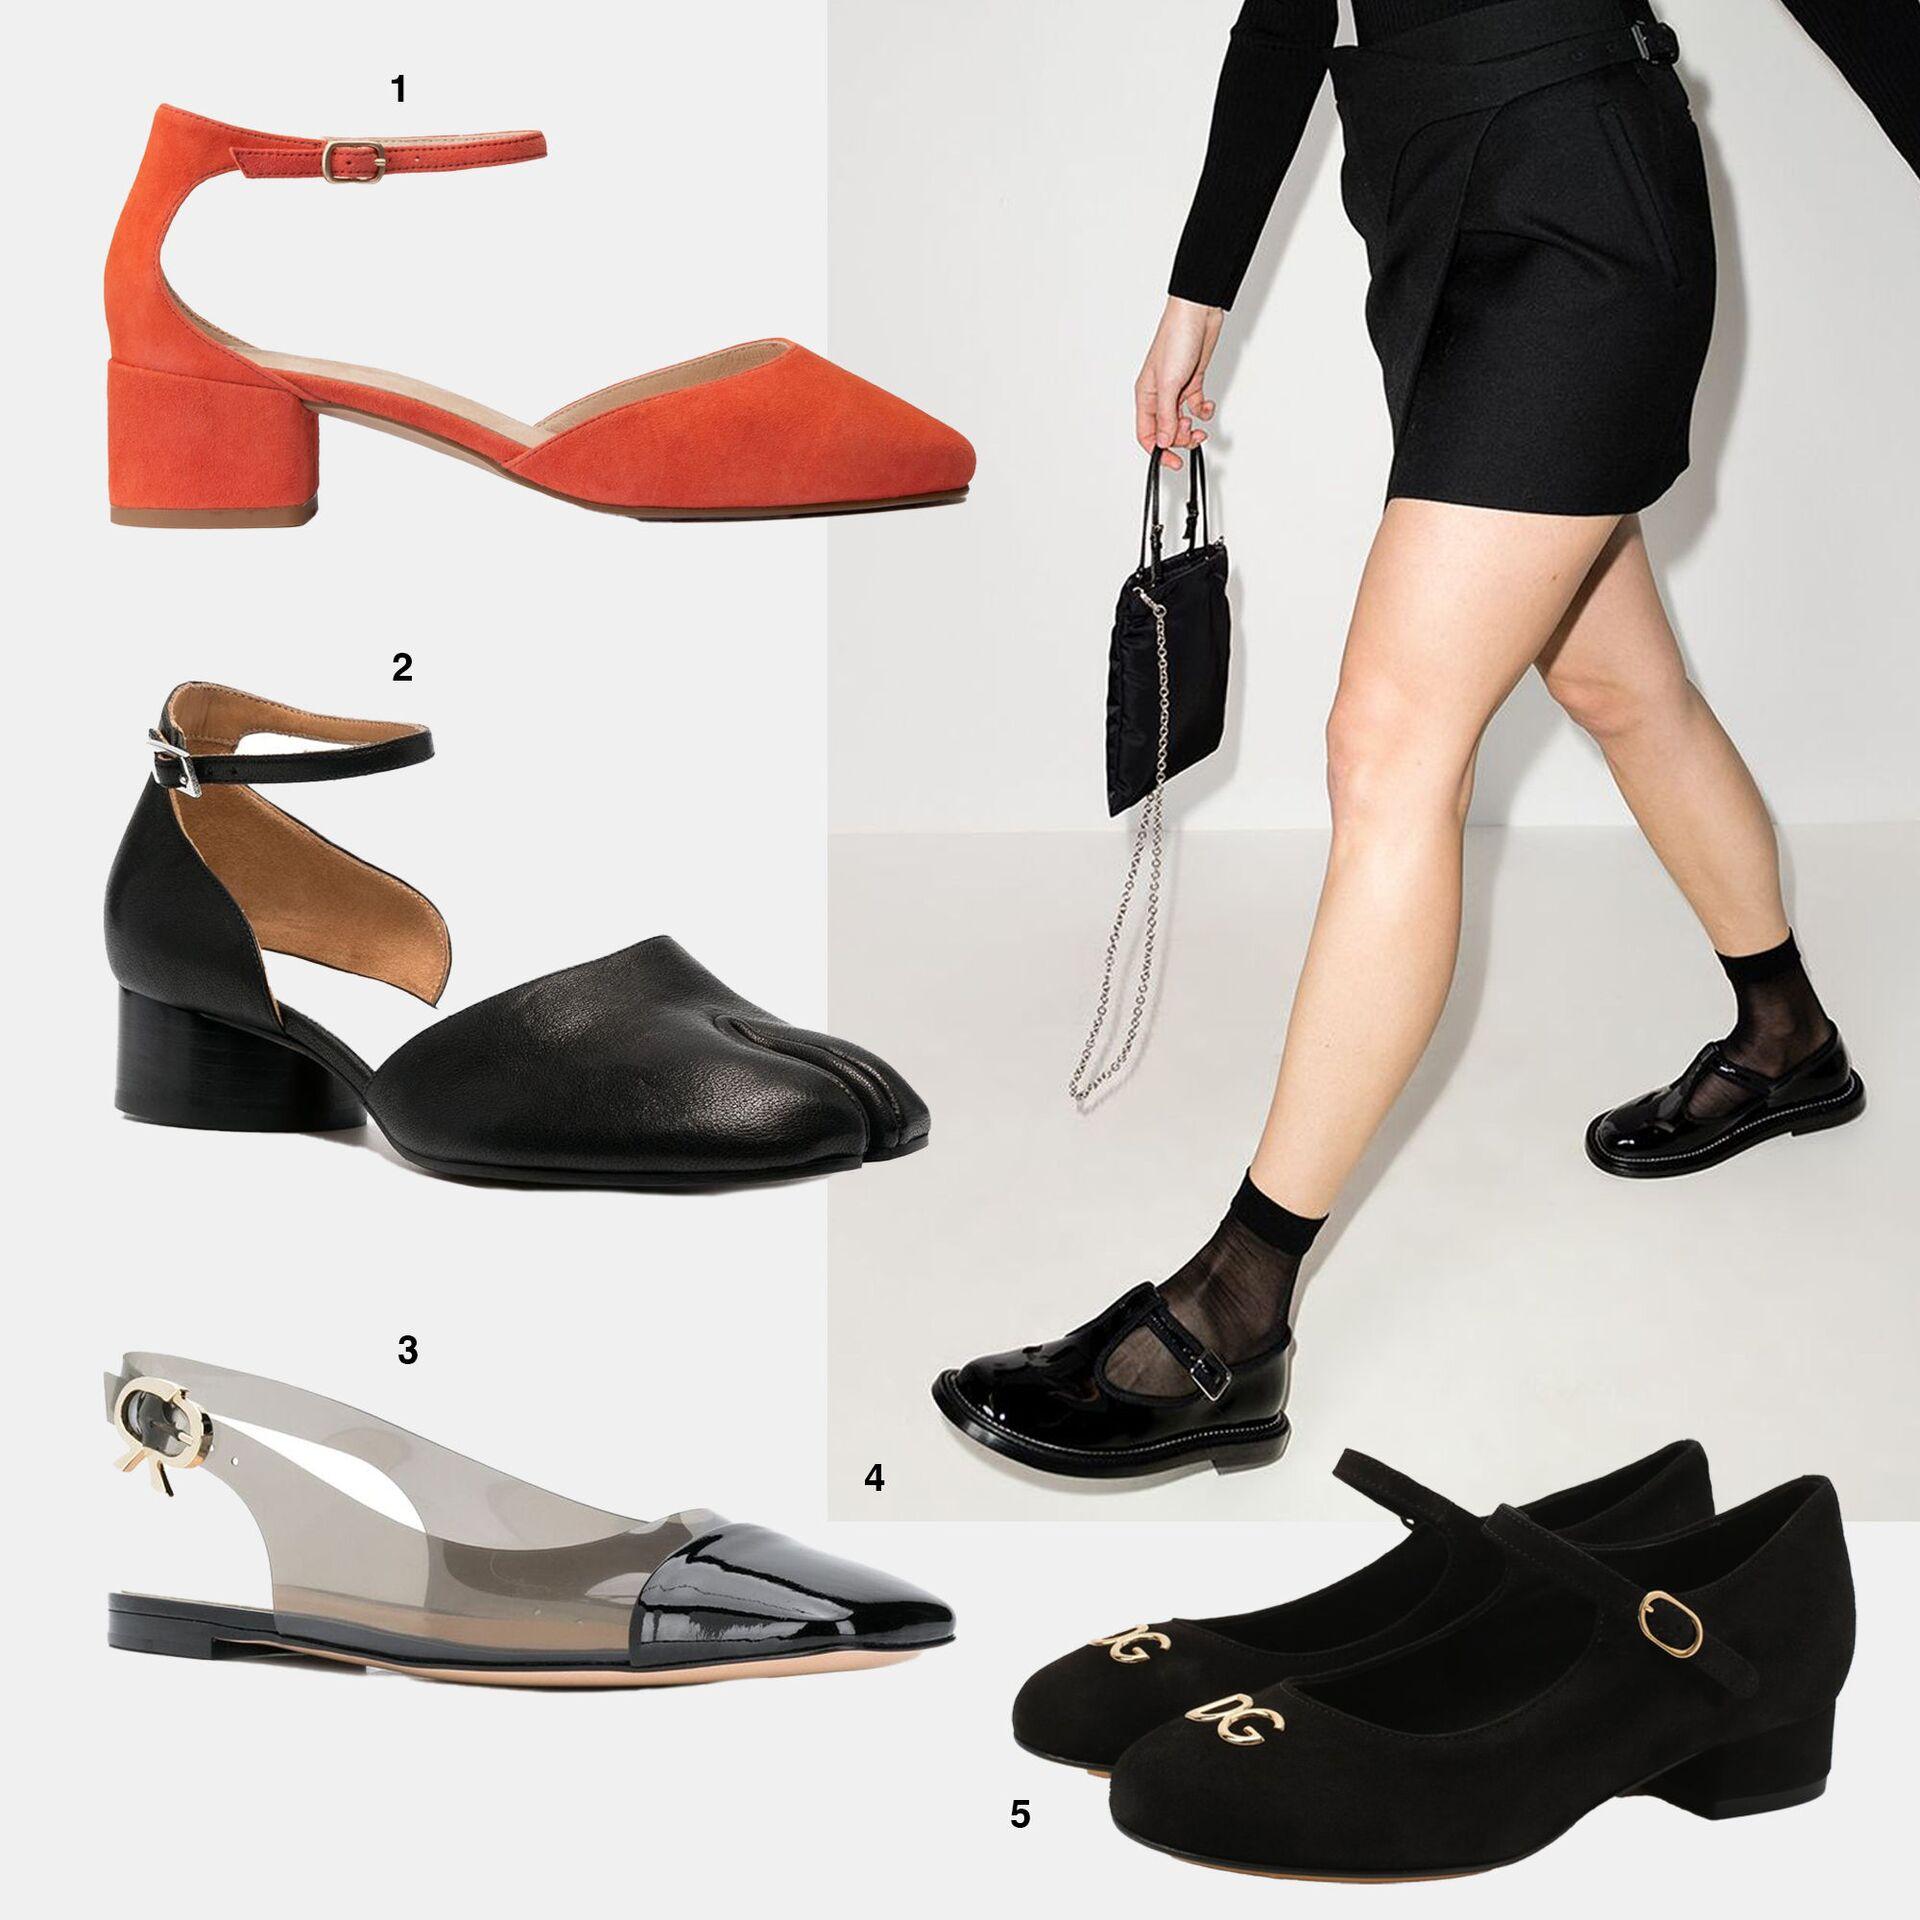 Больше не на лабутенах: как изменится мода на обувь в Азербайджане - Sputnik Азербайджан, 1920, 16.02.2021